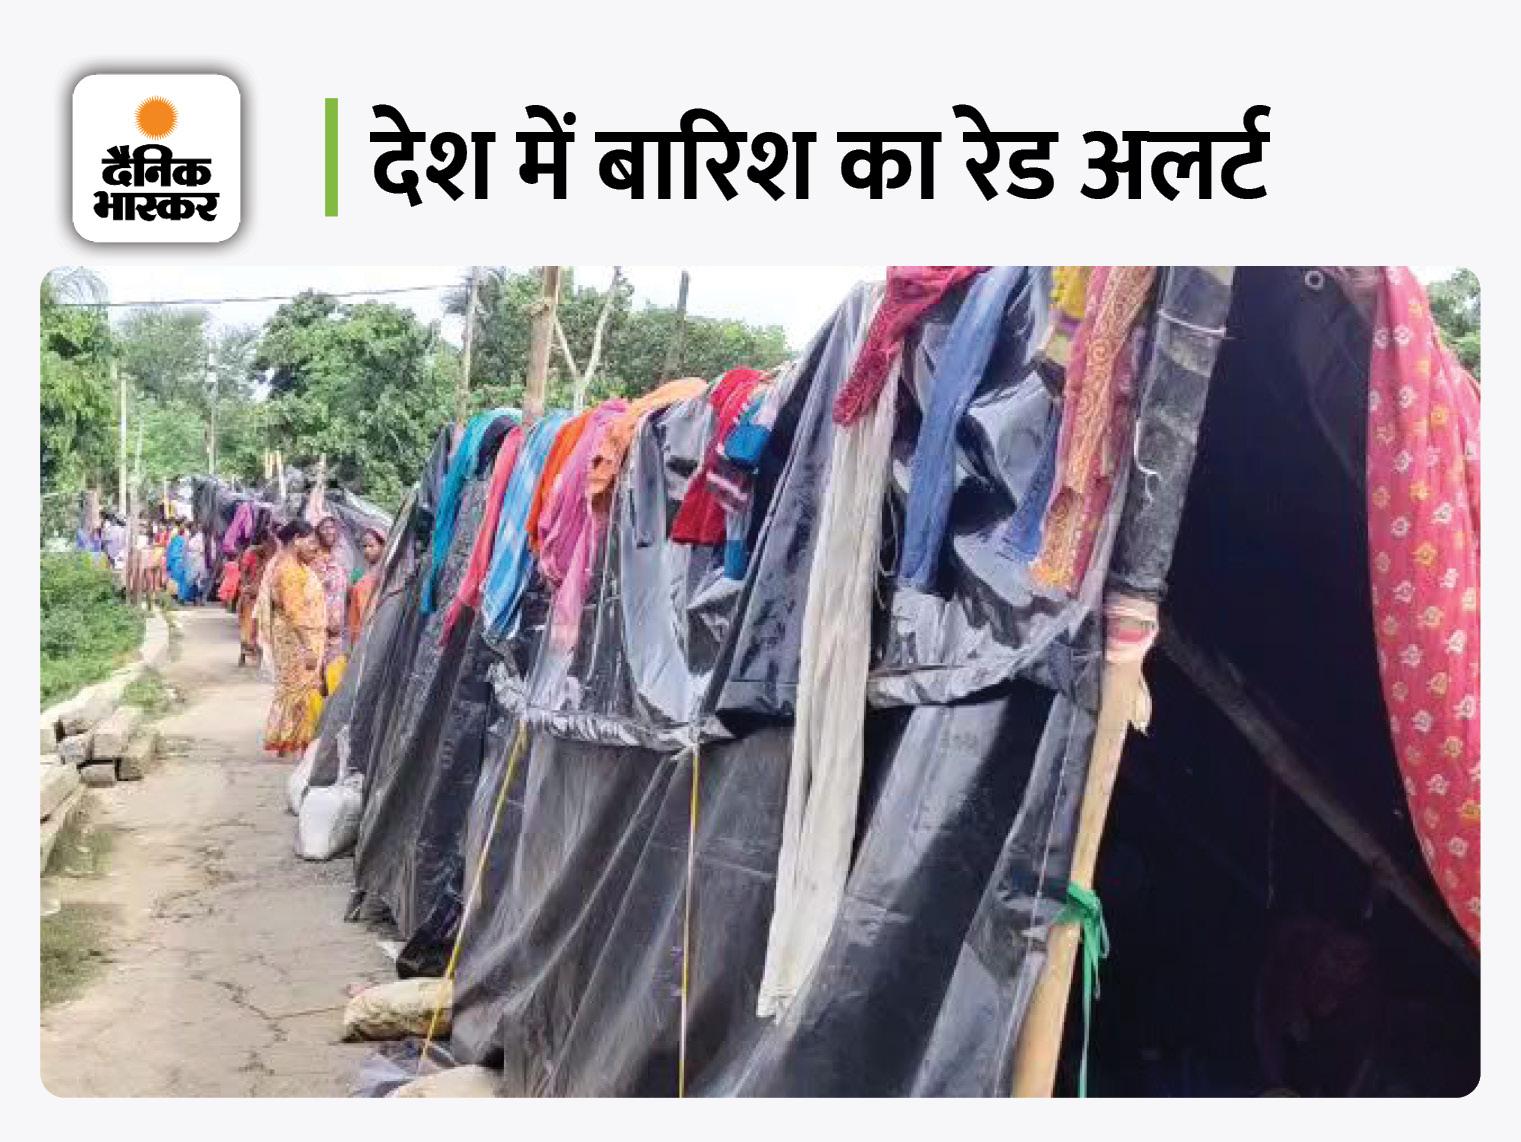 बंगाल में बाढ़ ने कई लोगों को बेघर कर दिया है। लोग सड़क के किनारे गुजारा कर रहे हैं।